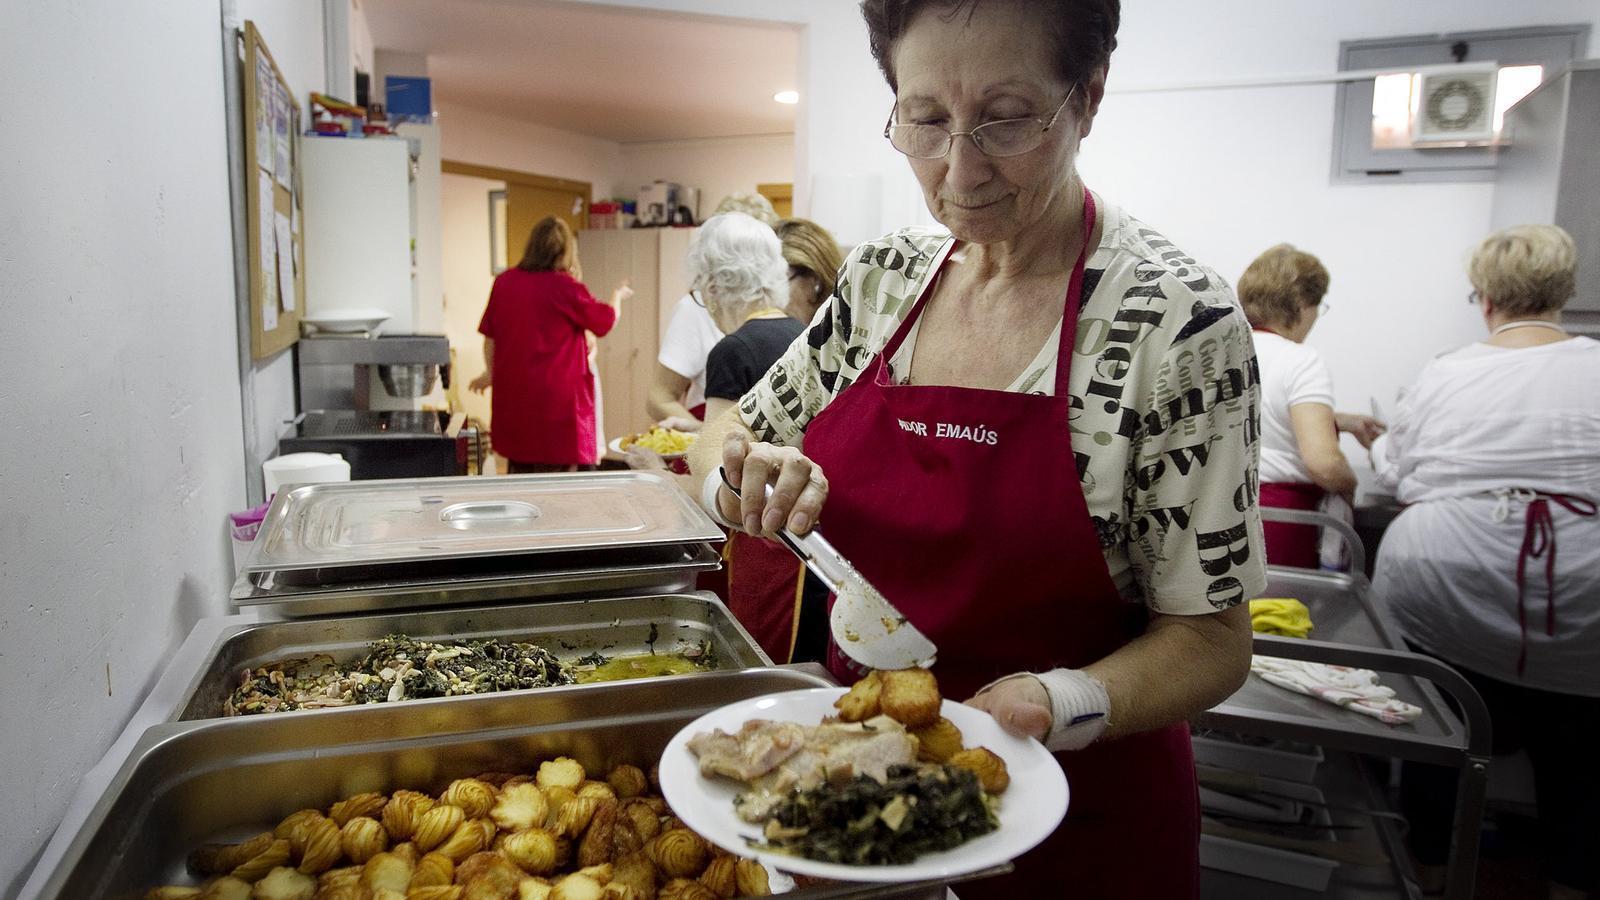 Els usuaris del menjador Emmaús, a Barcelona, reben des del juny menús del projecte Alpan.